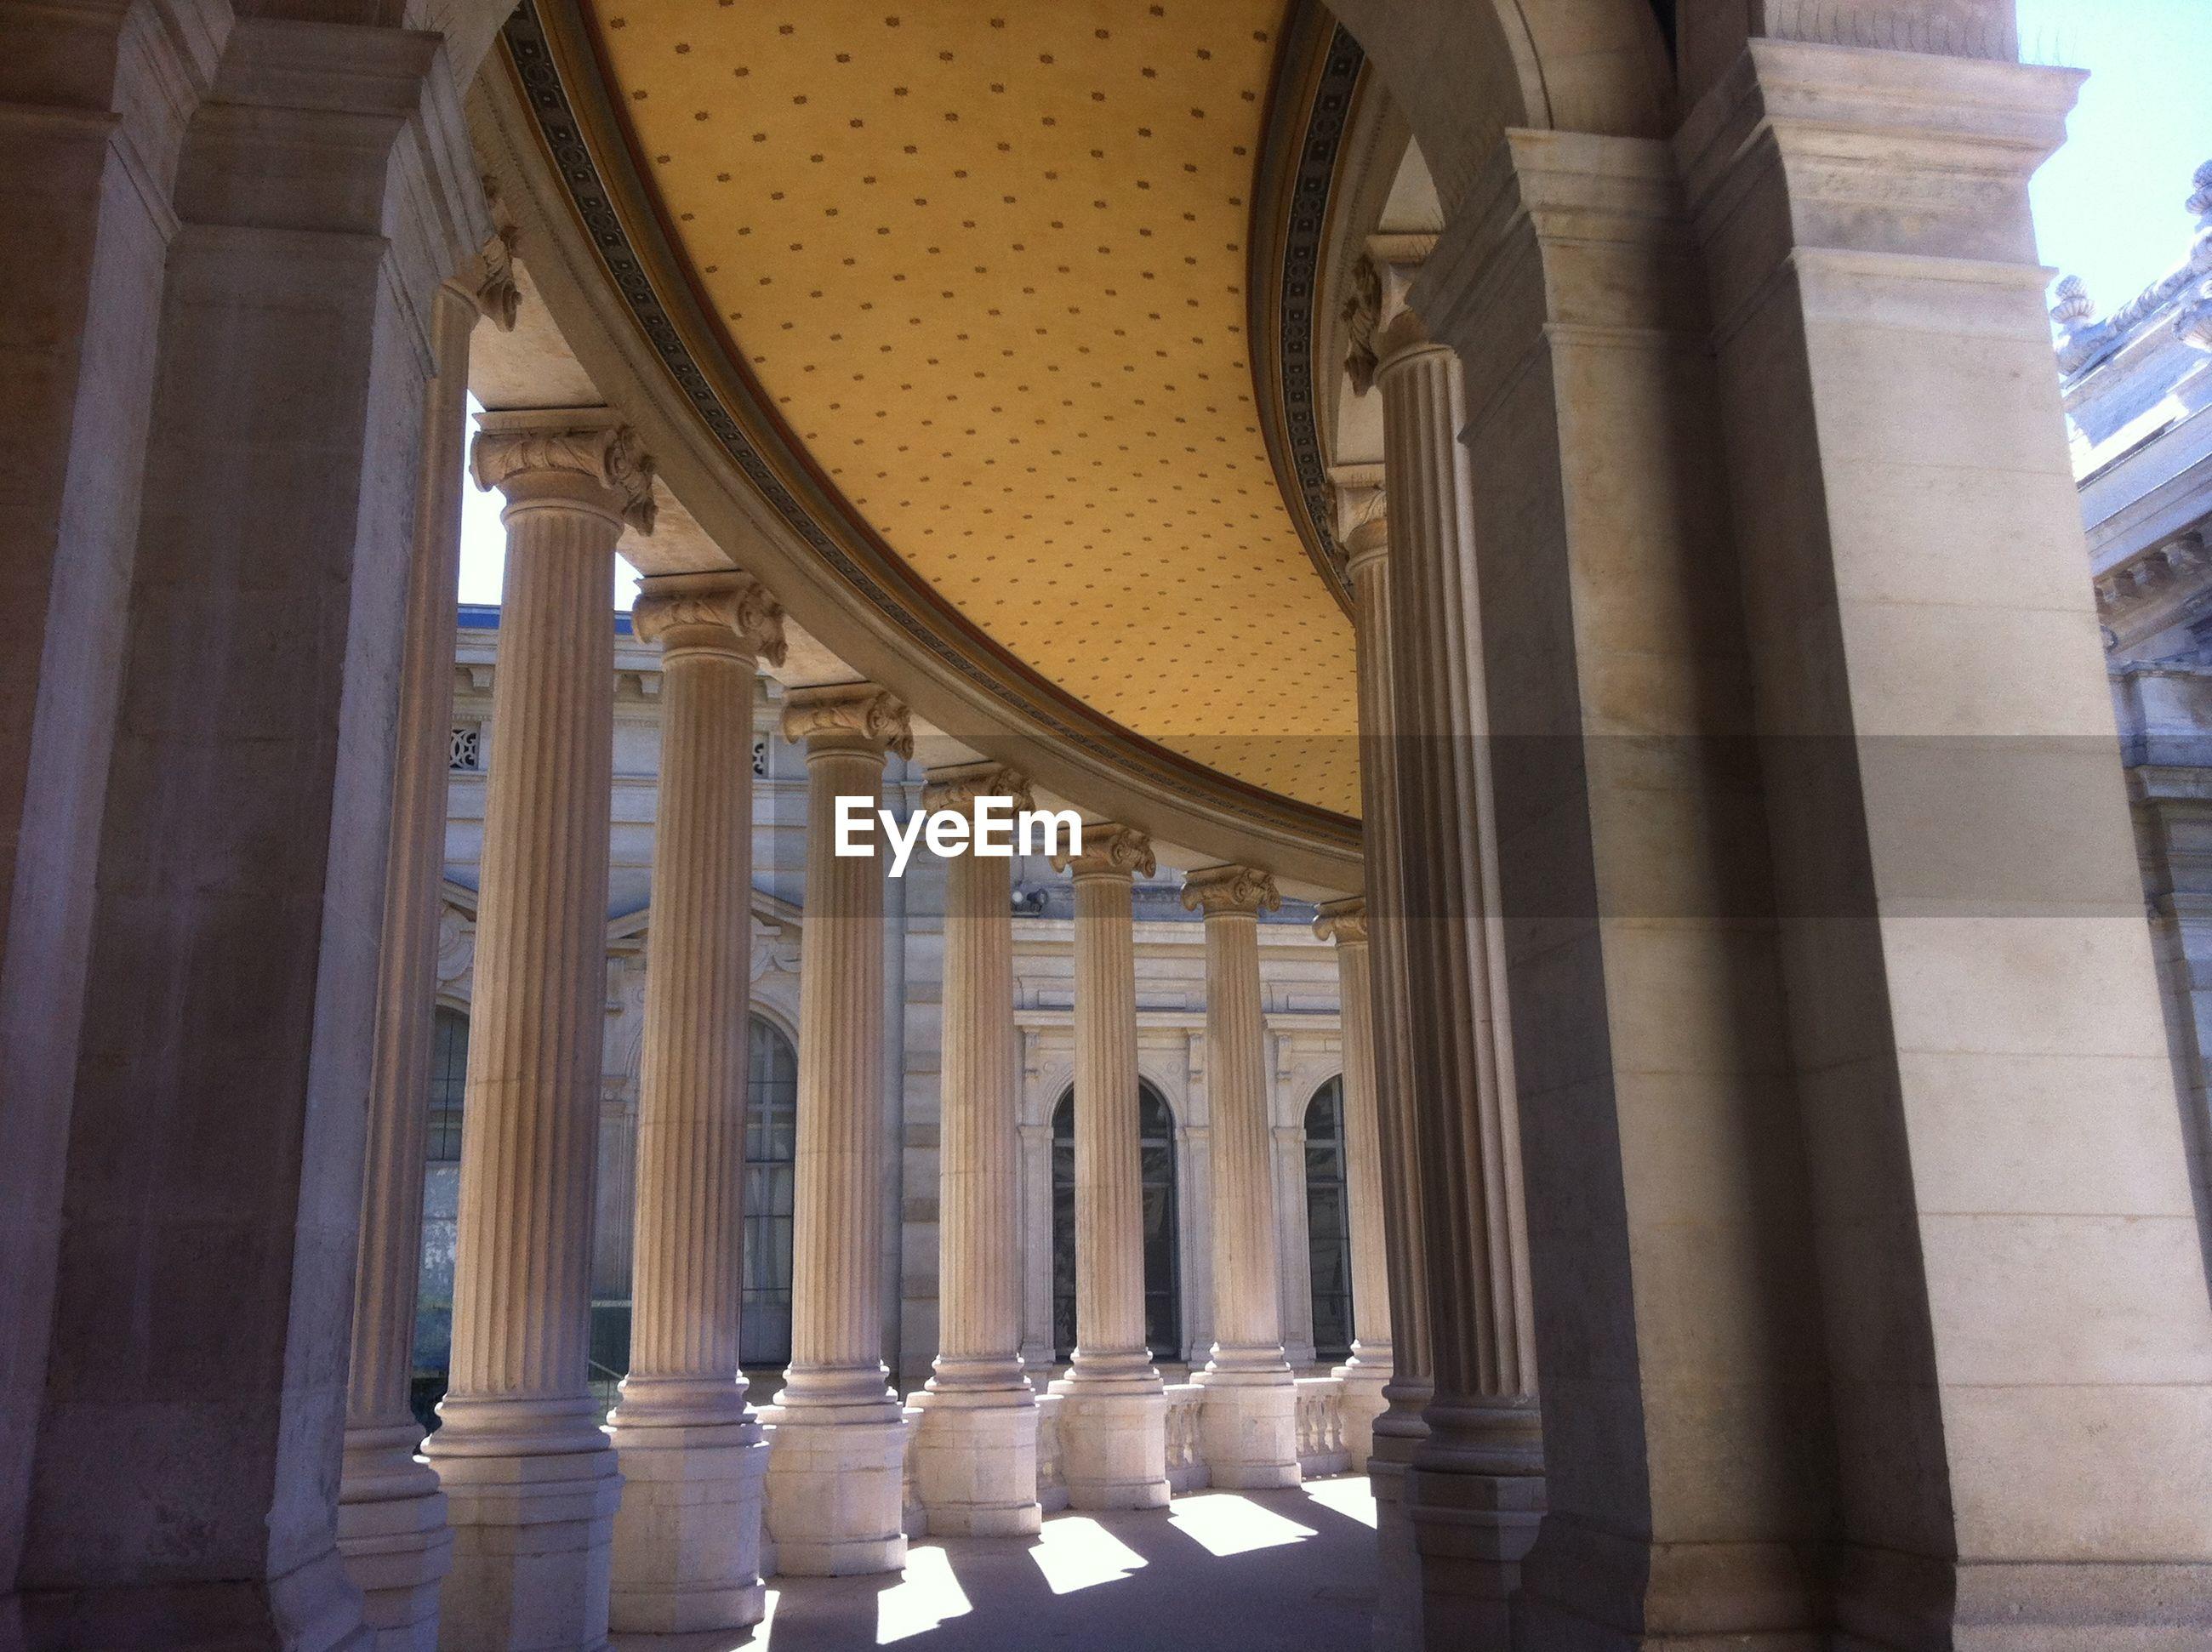 Colonnade at palais longchamp